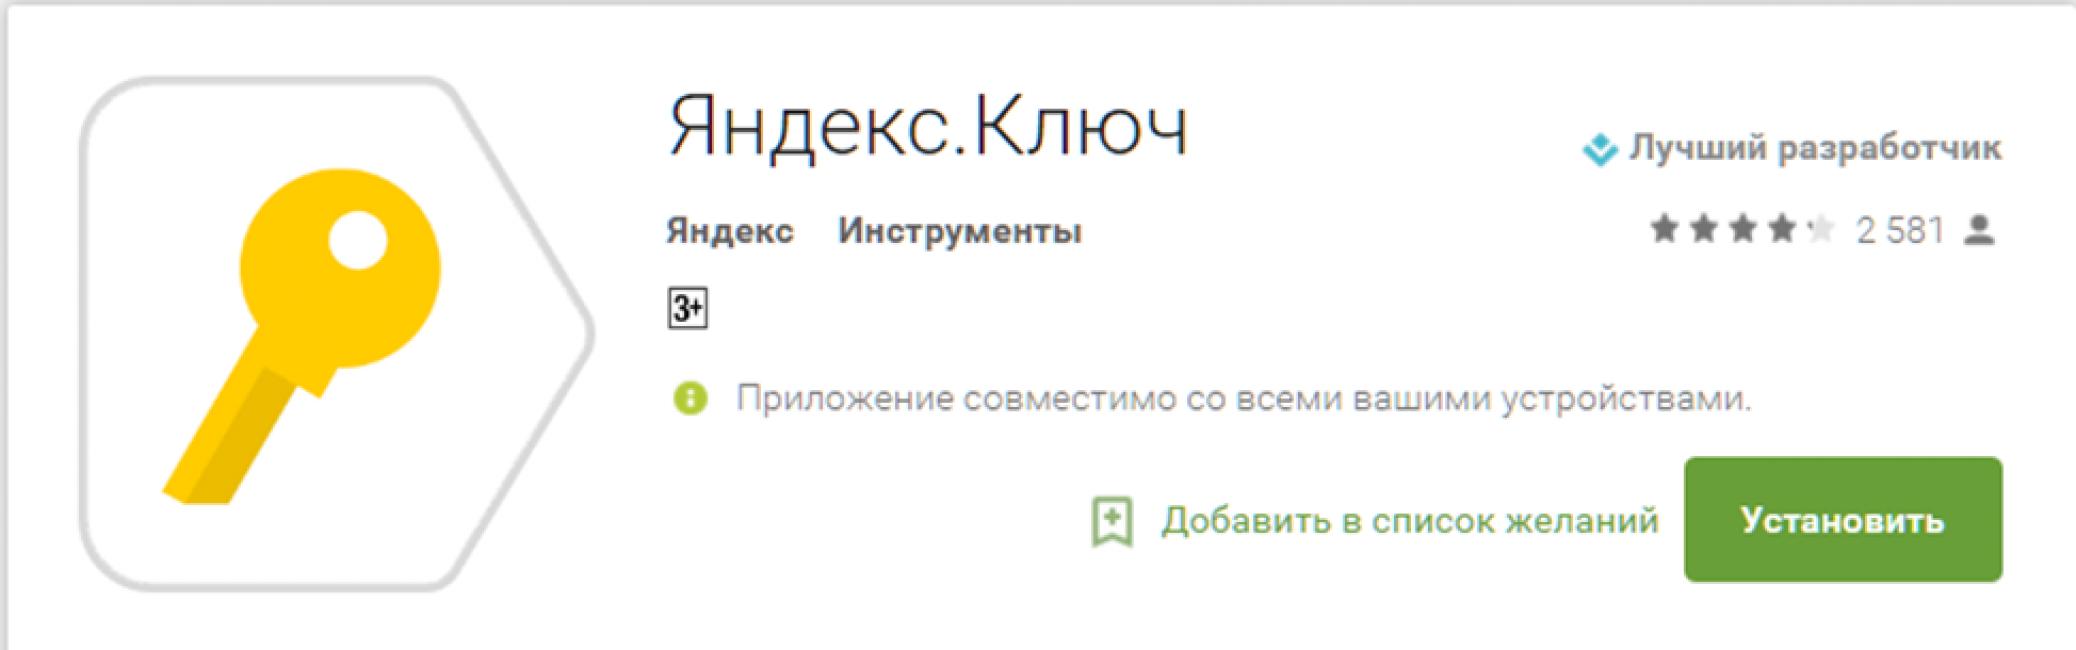 Окно установки приложения «Яндекс. Ключ»